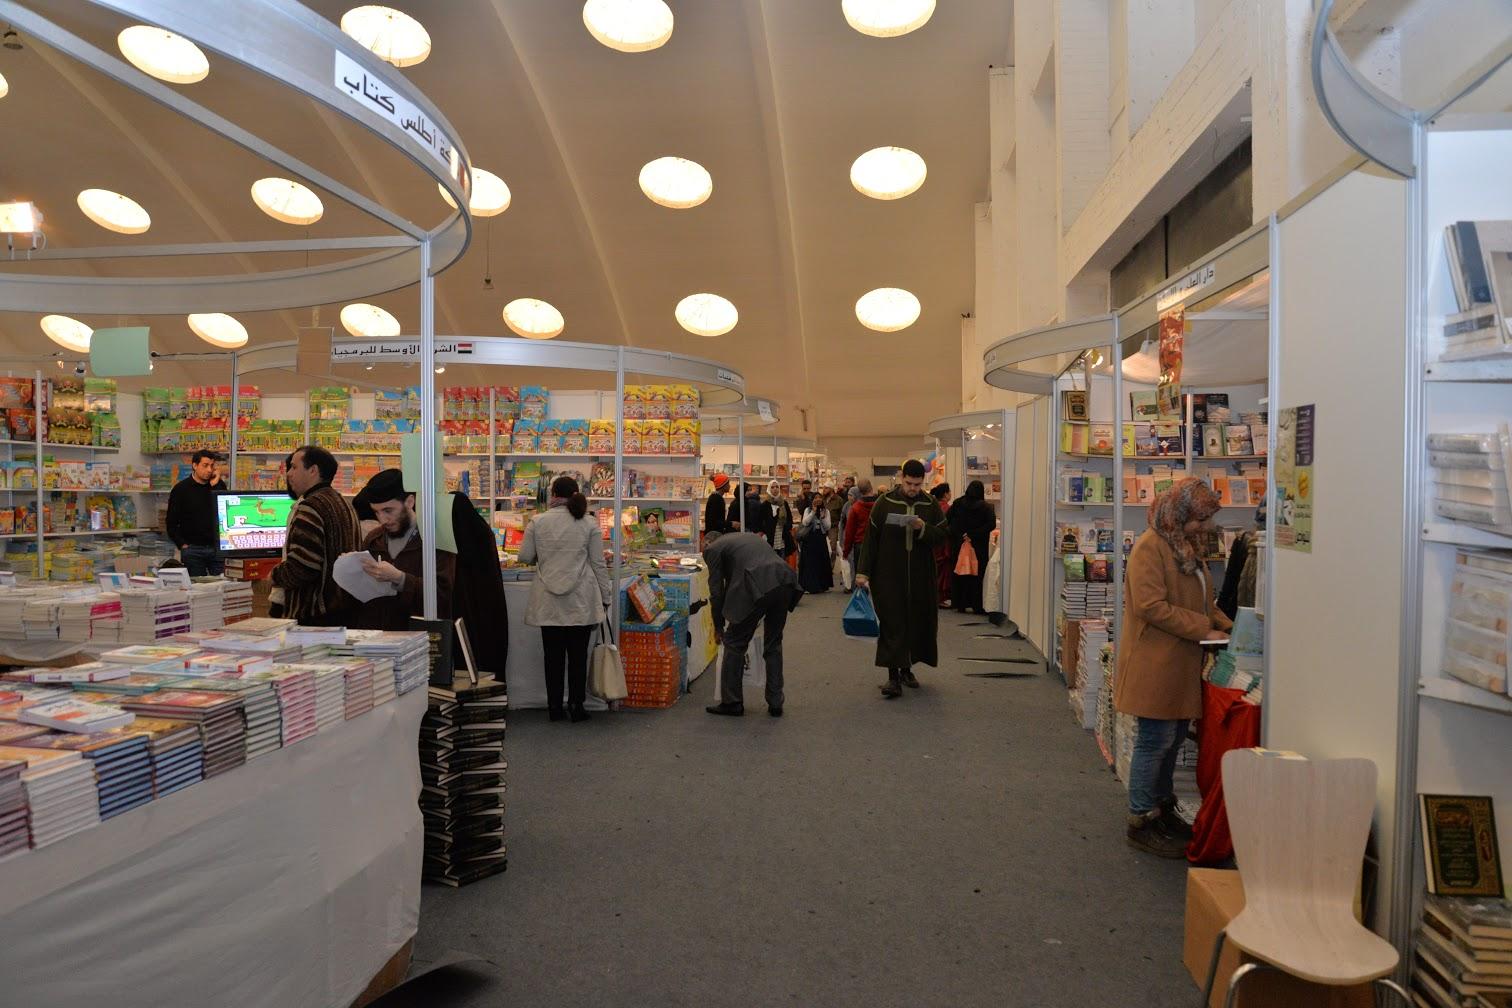 صورة انطلاق فعاليات النسخة الـ 24 لمعرض ليما الدولي للكتاب بمشاركة المغرب